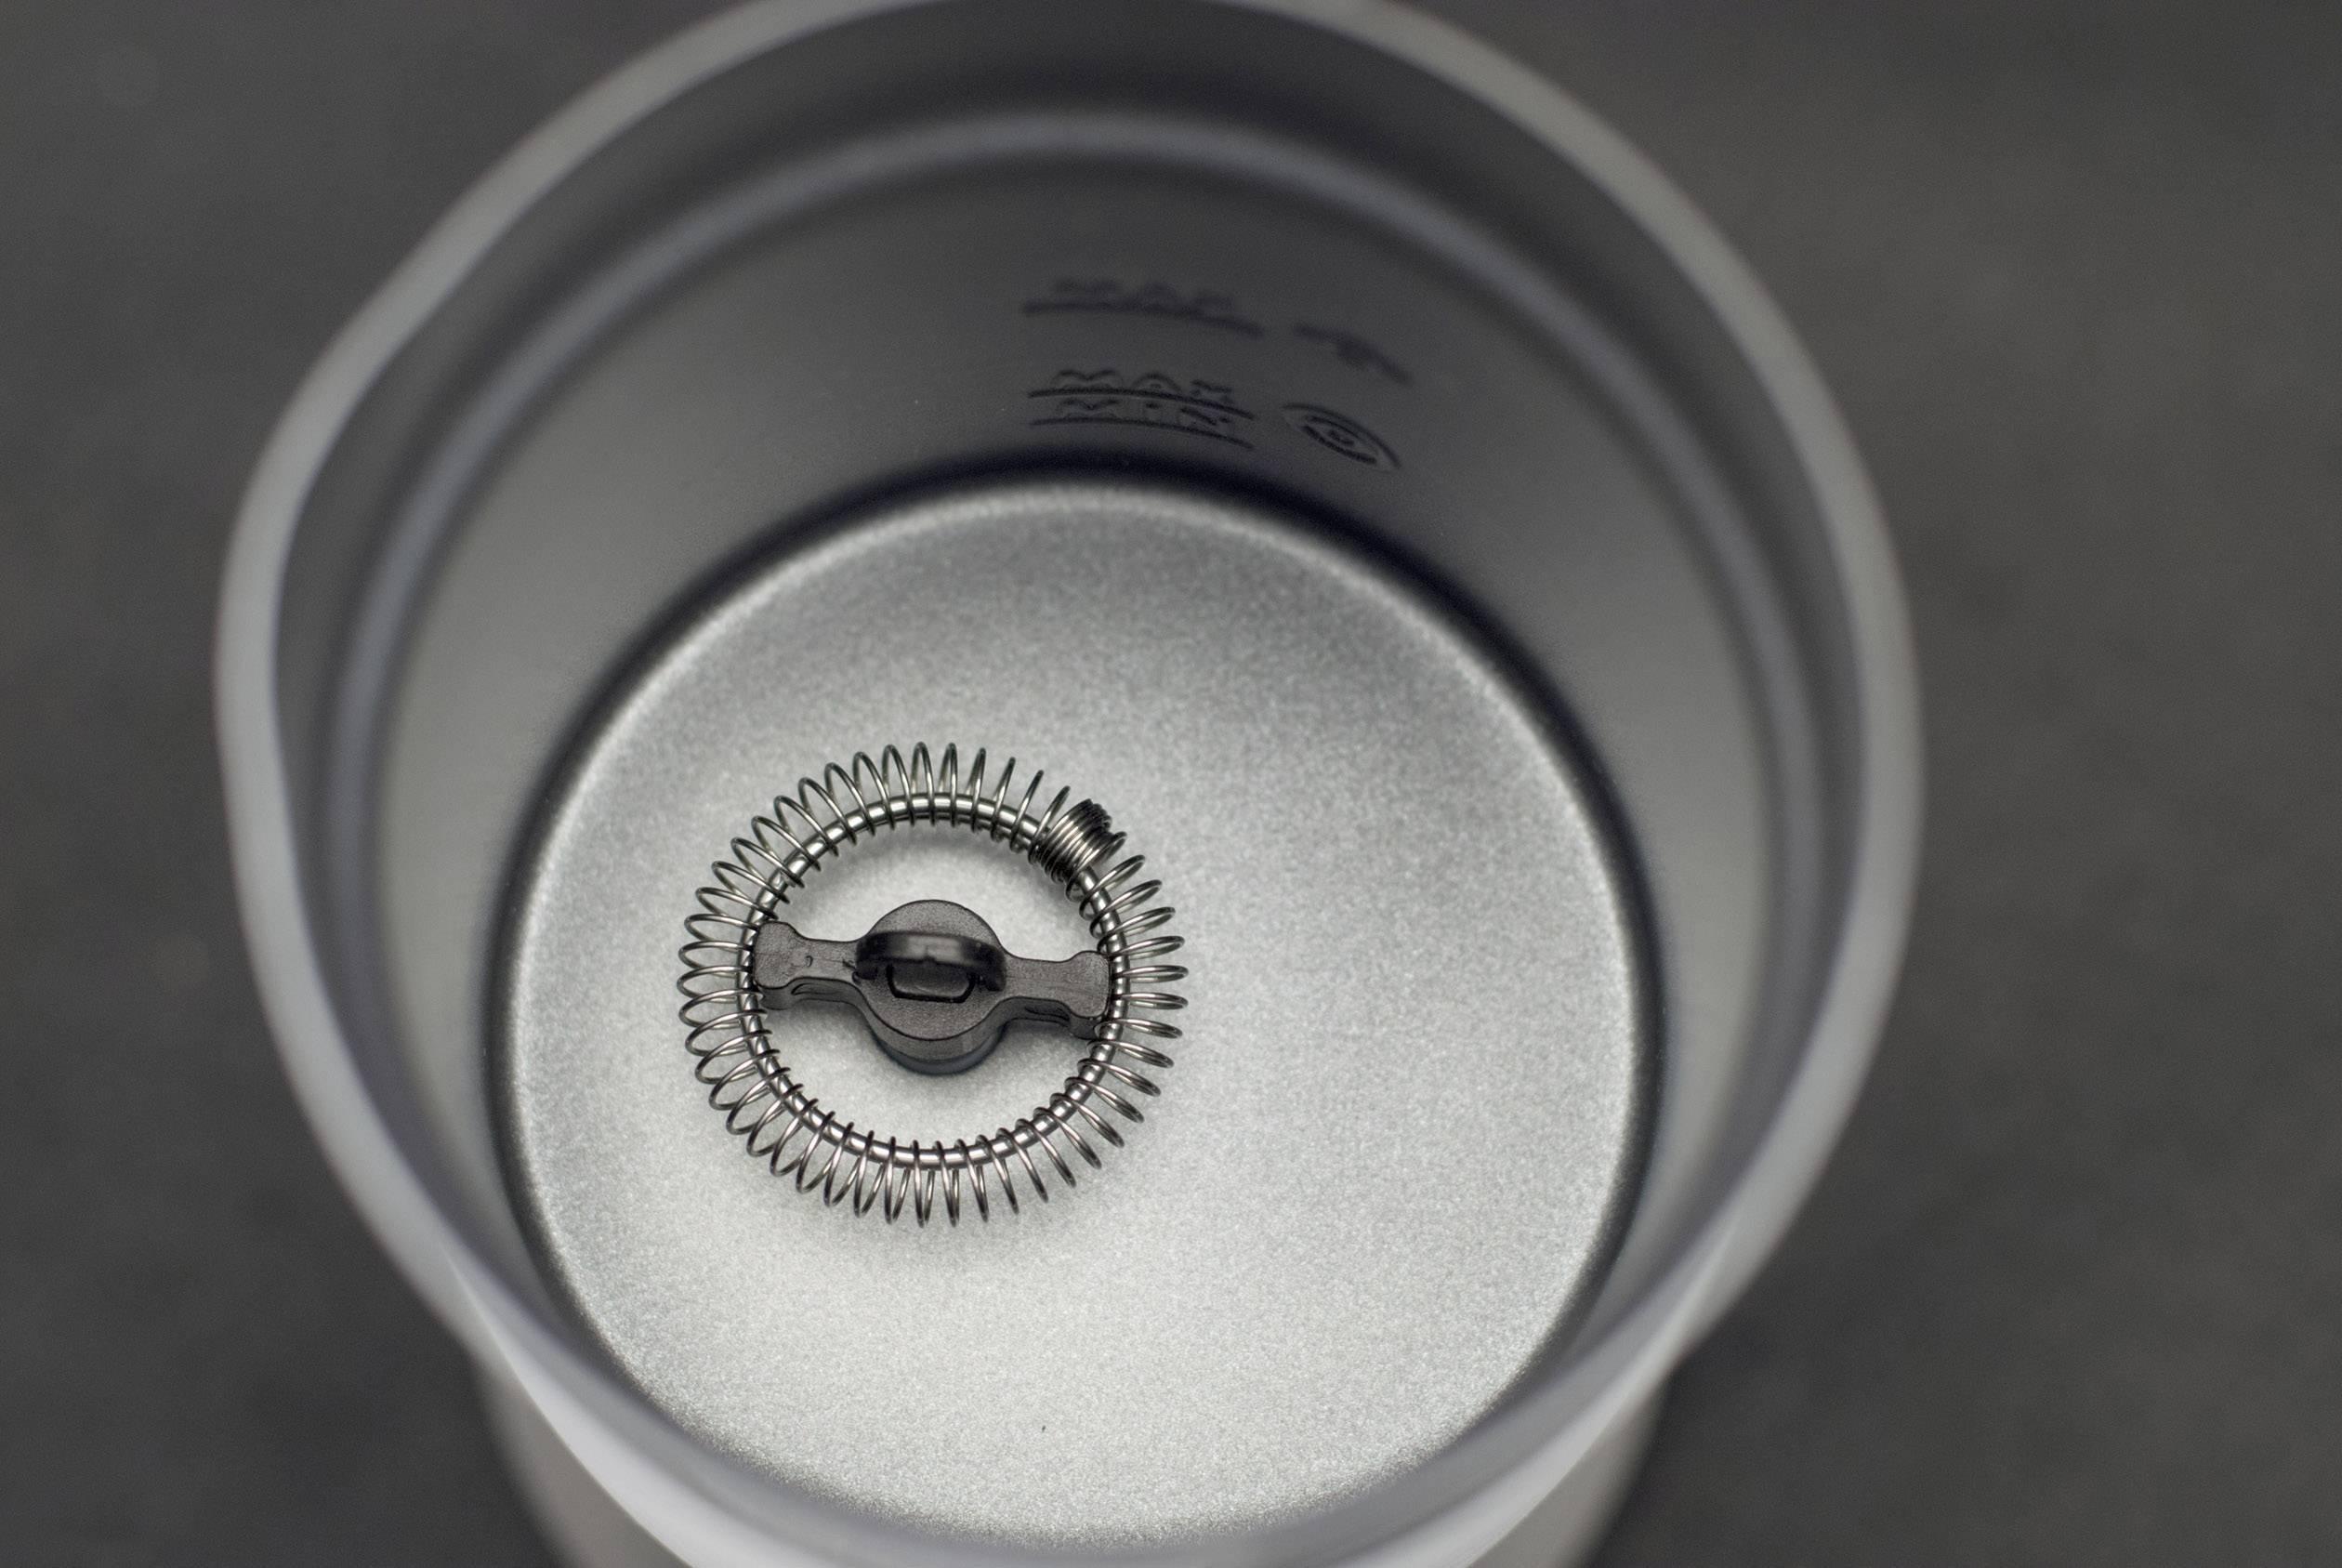 CASO Fomini Crema 1656 naprava za penjenje mleka črna 435 W